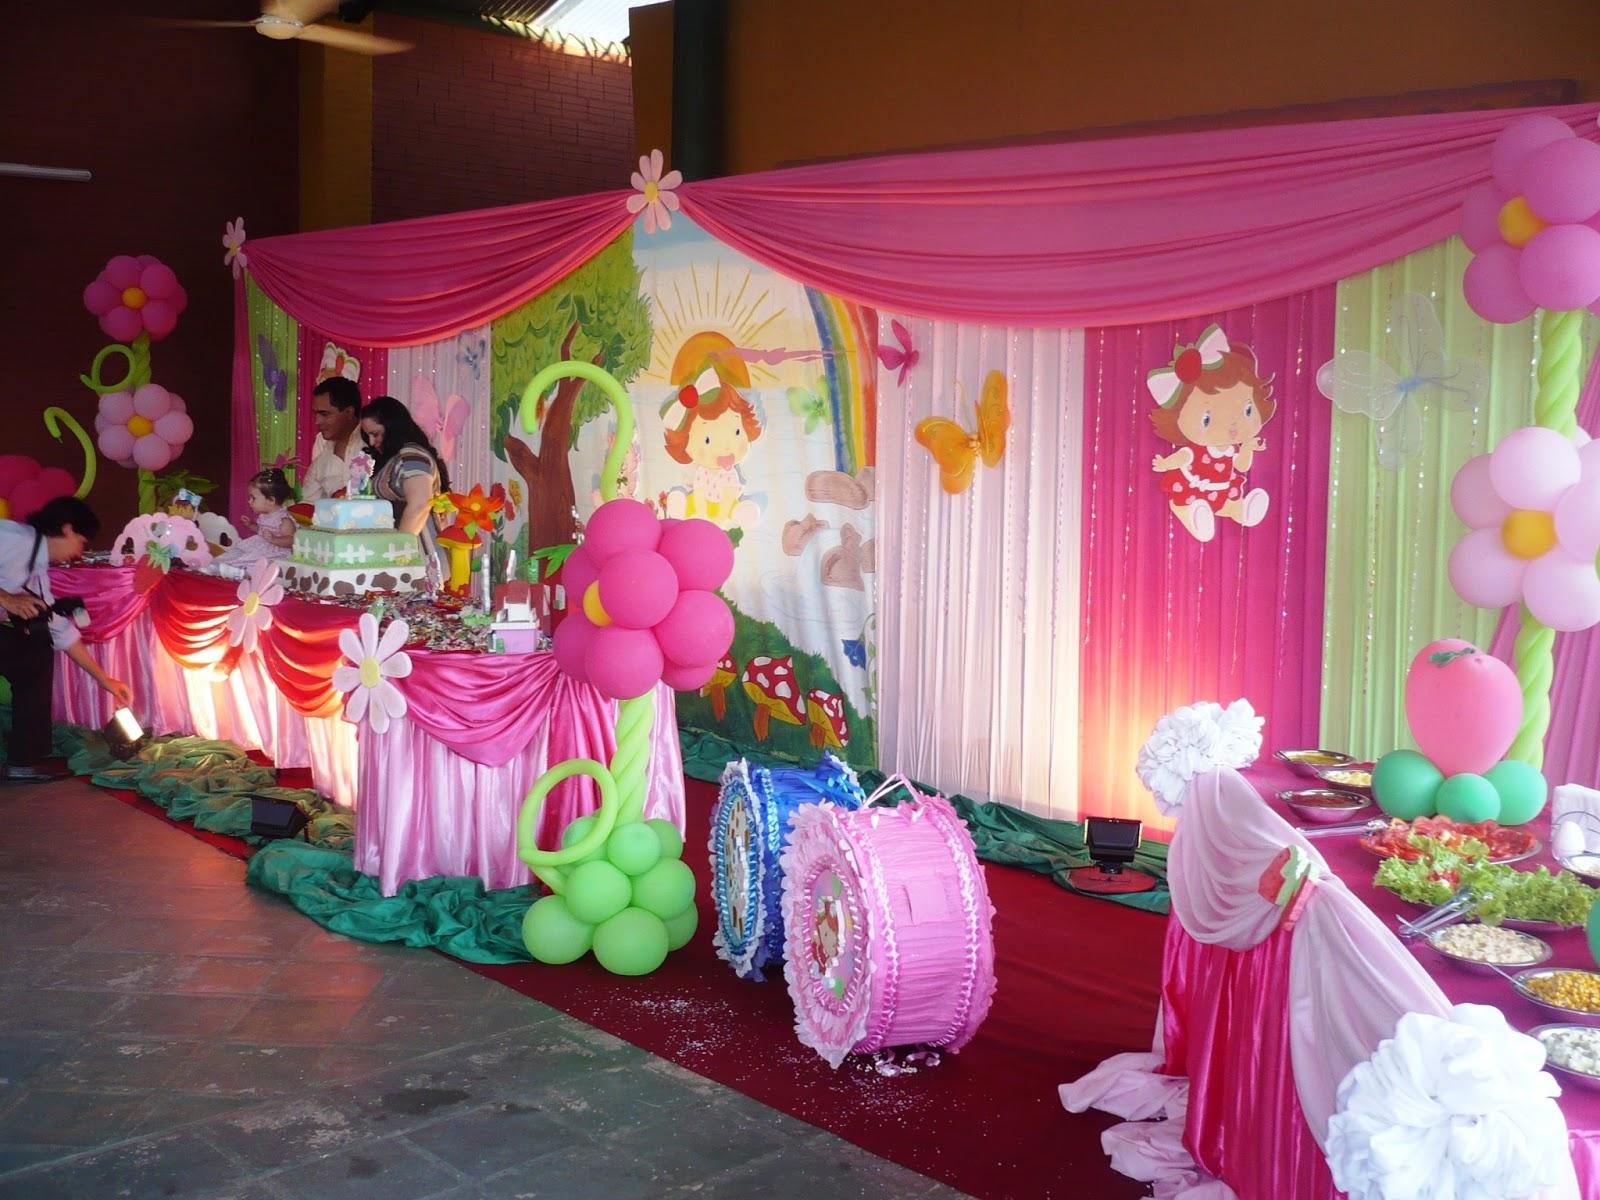 Fiesta frutillita decoración - Imagui